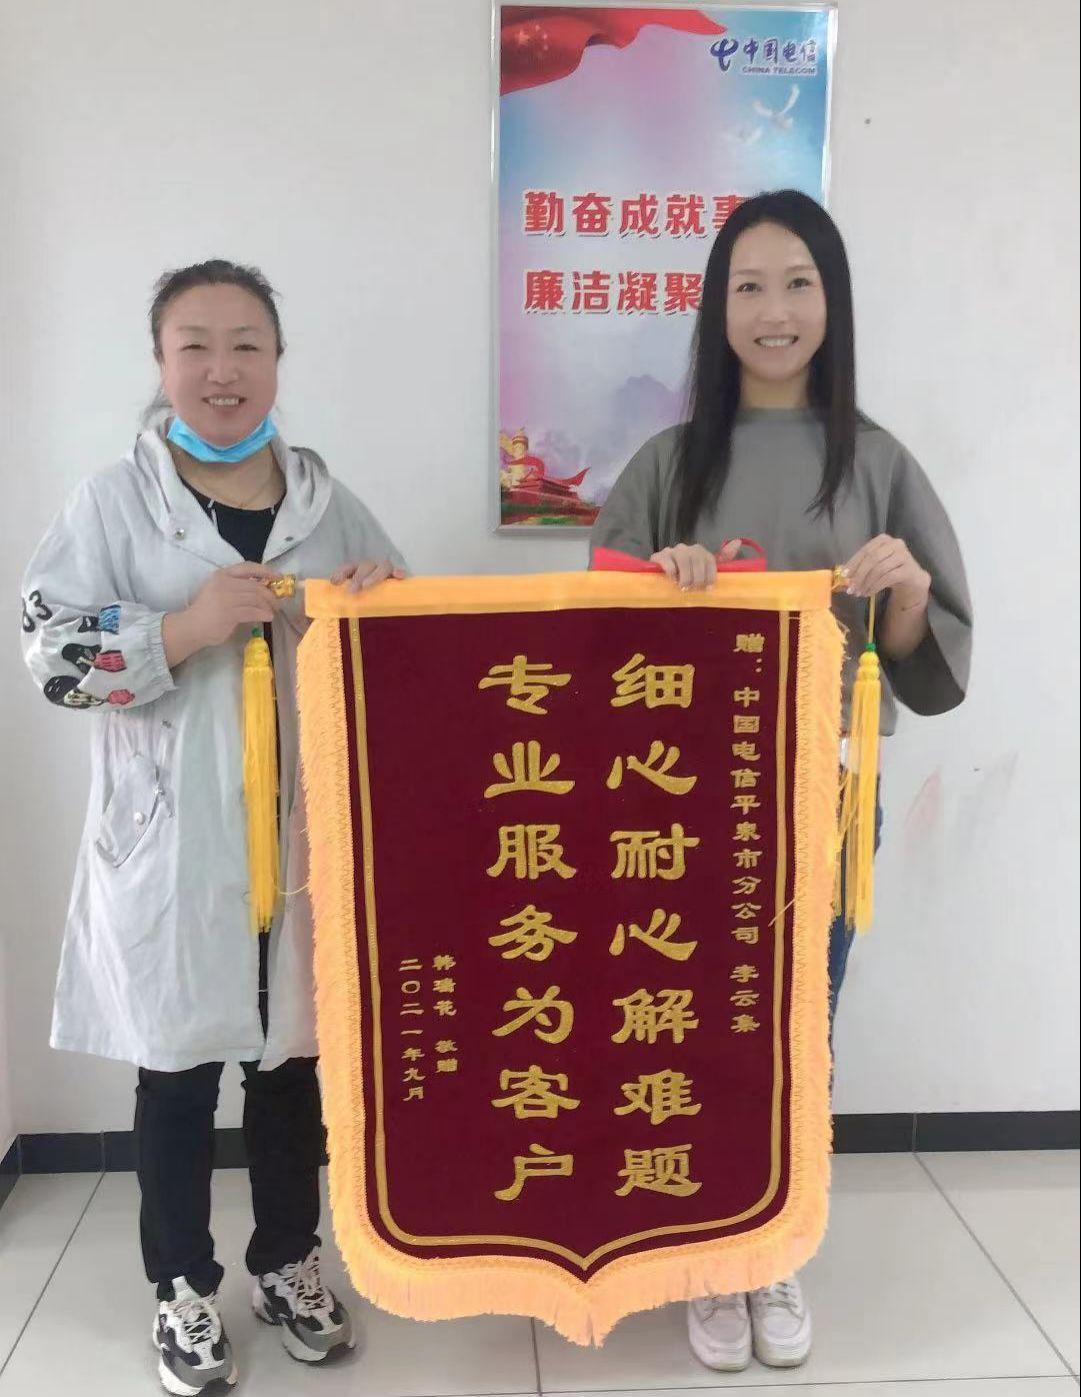 中国电信承德分公司智家工程师热心服务获赠锦旗